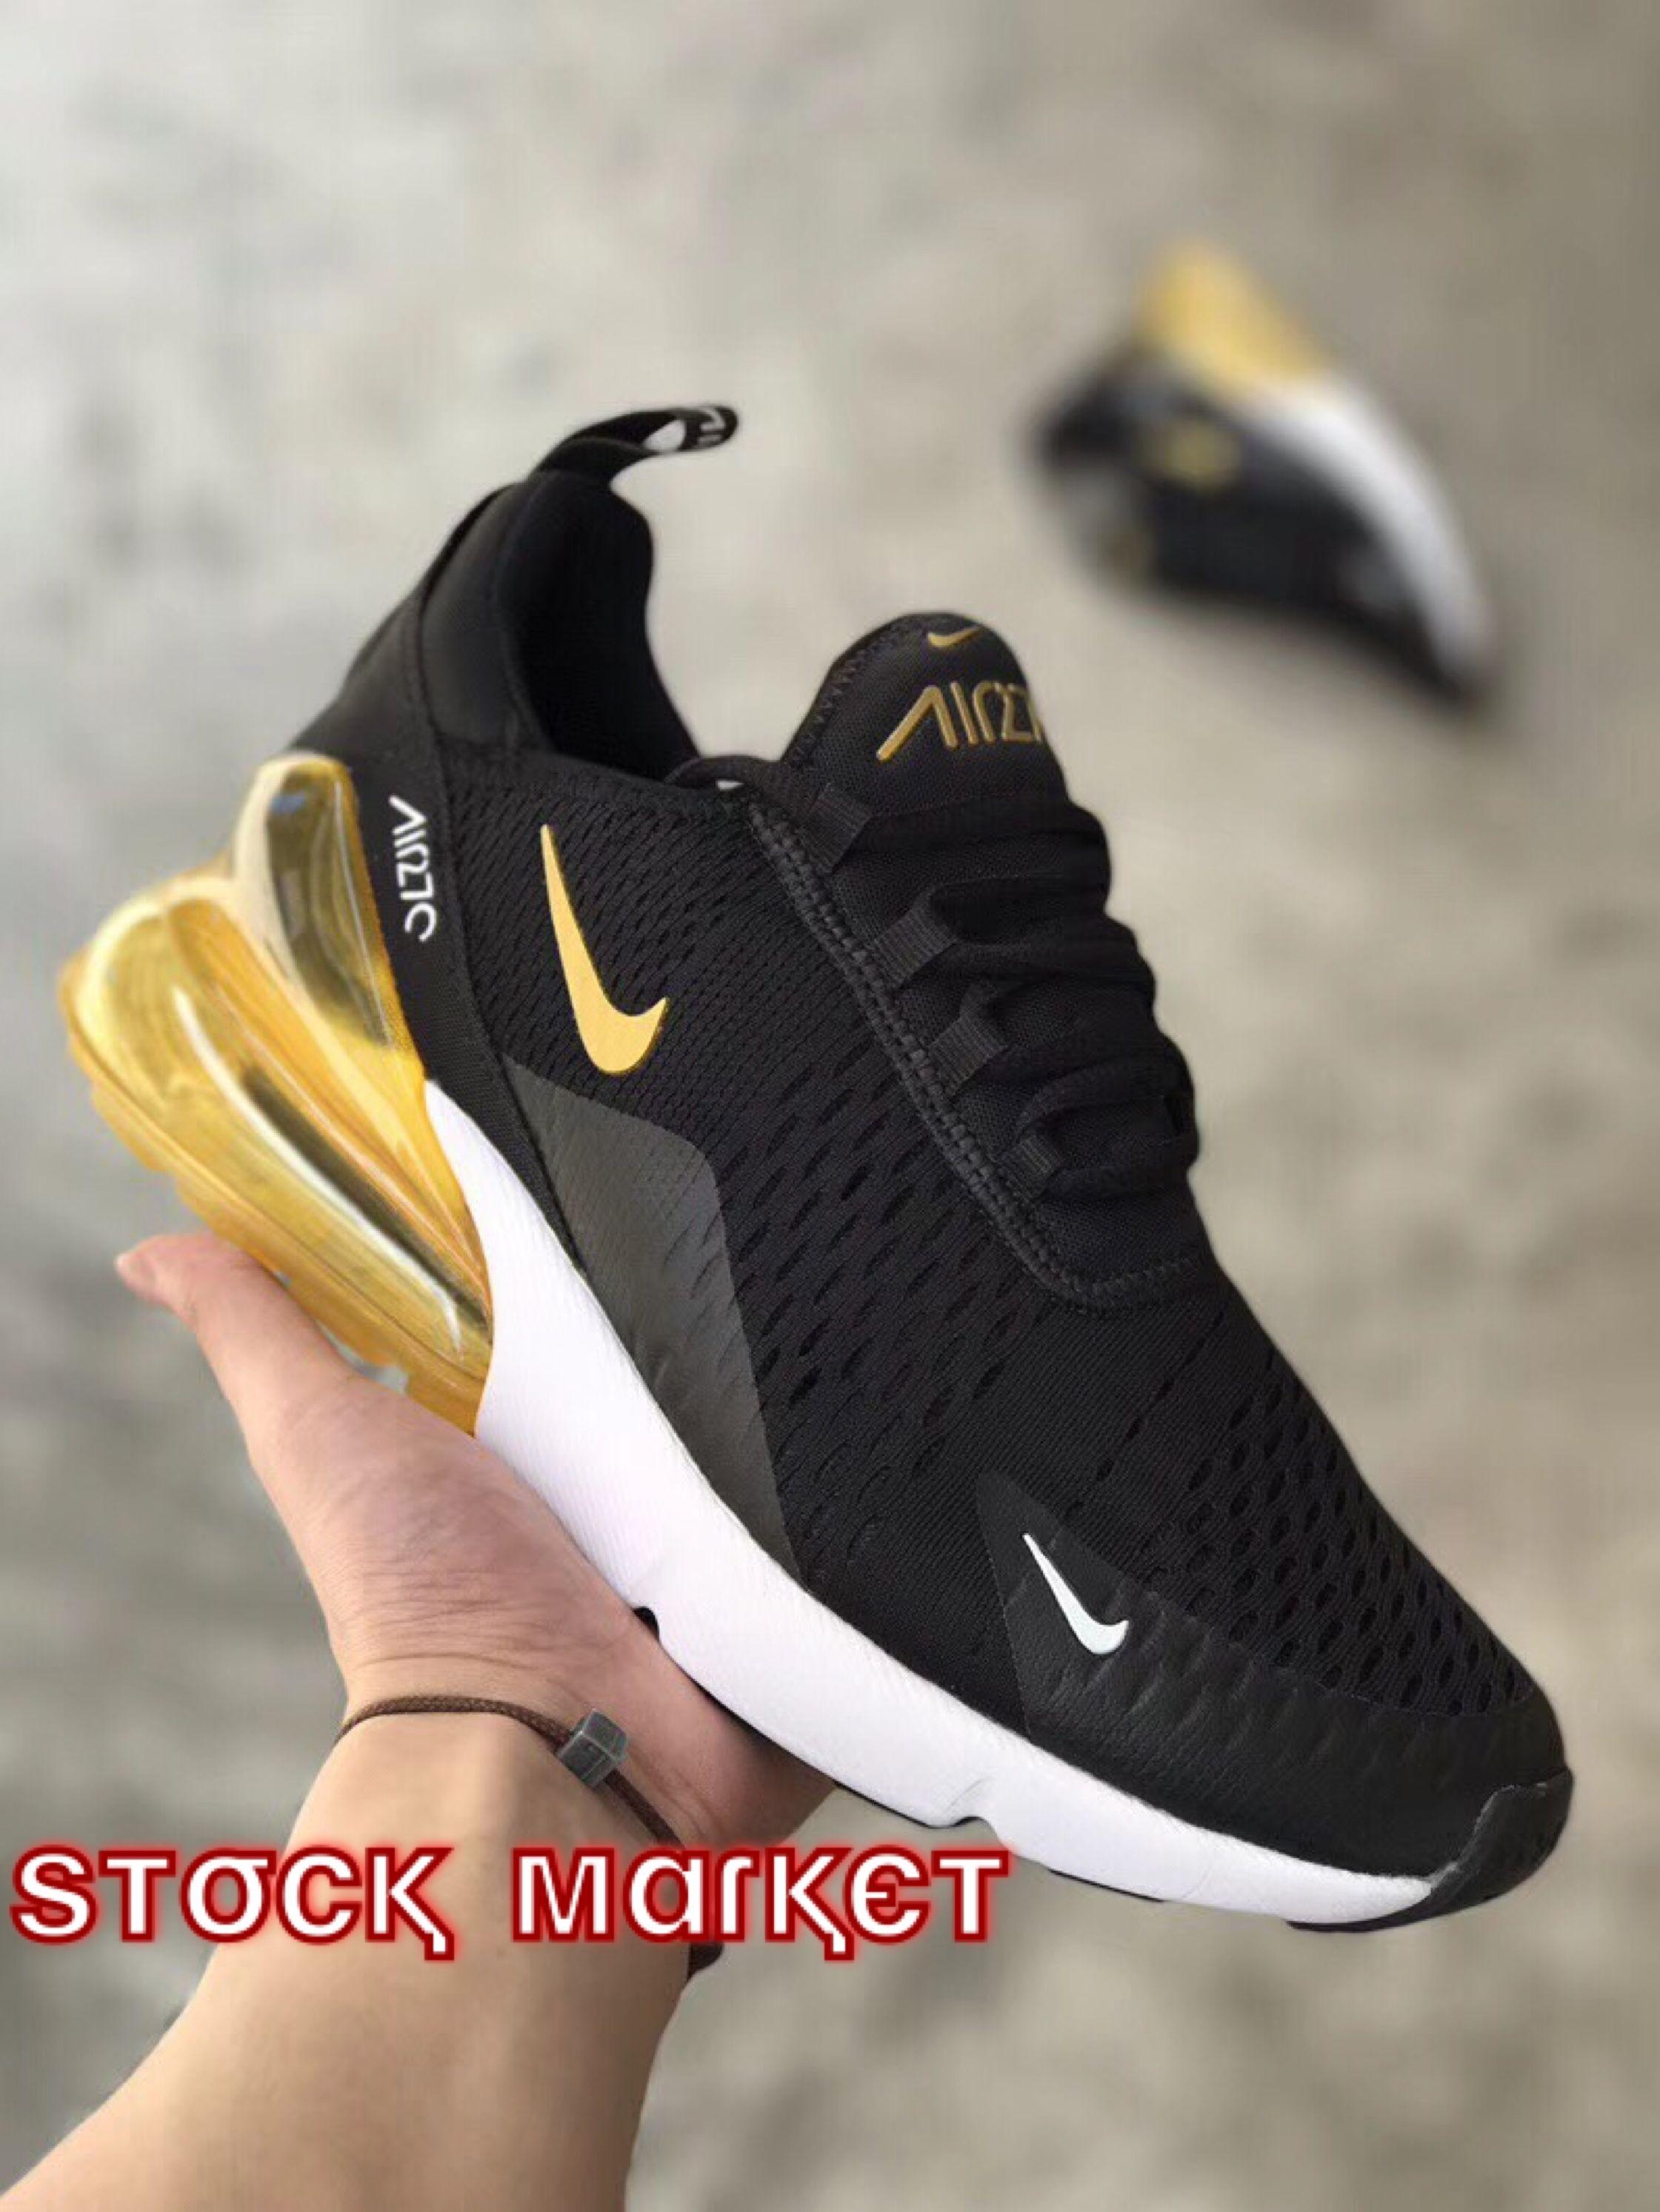 2019 officiel shoes nike air max 270 air fashion